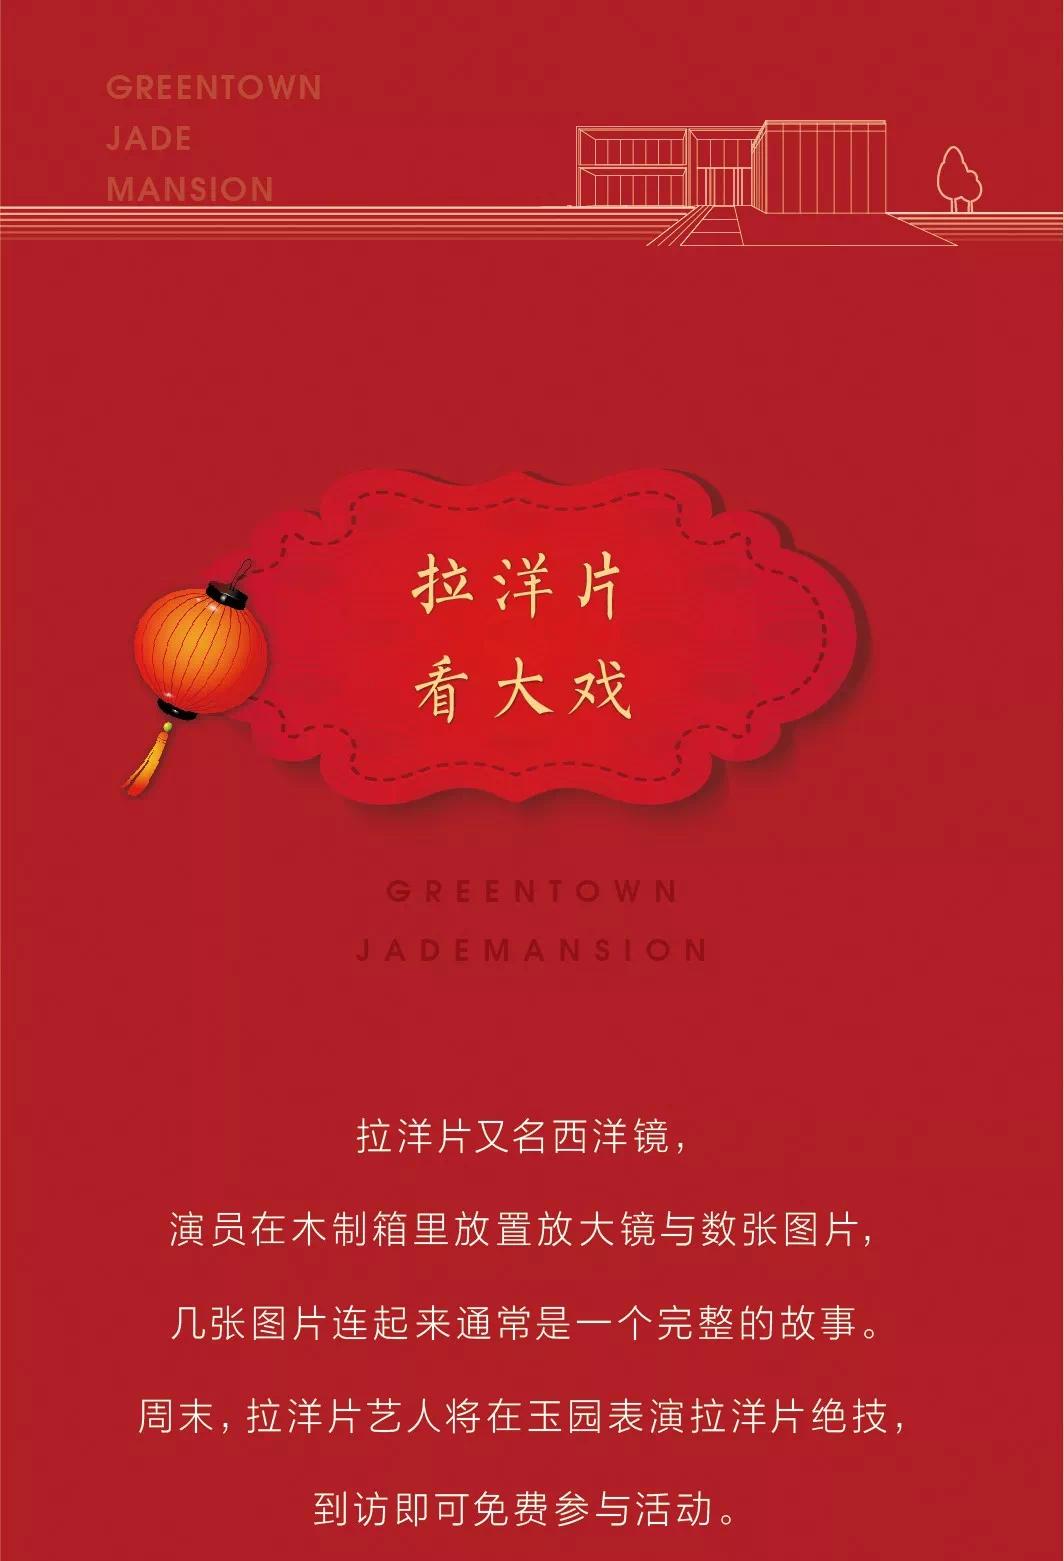 绿城德达•玉园:品传统民俗,寻记忆中的年味!